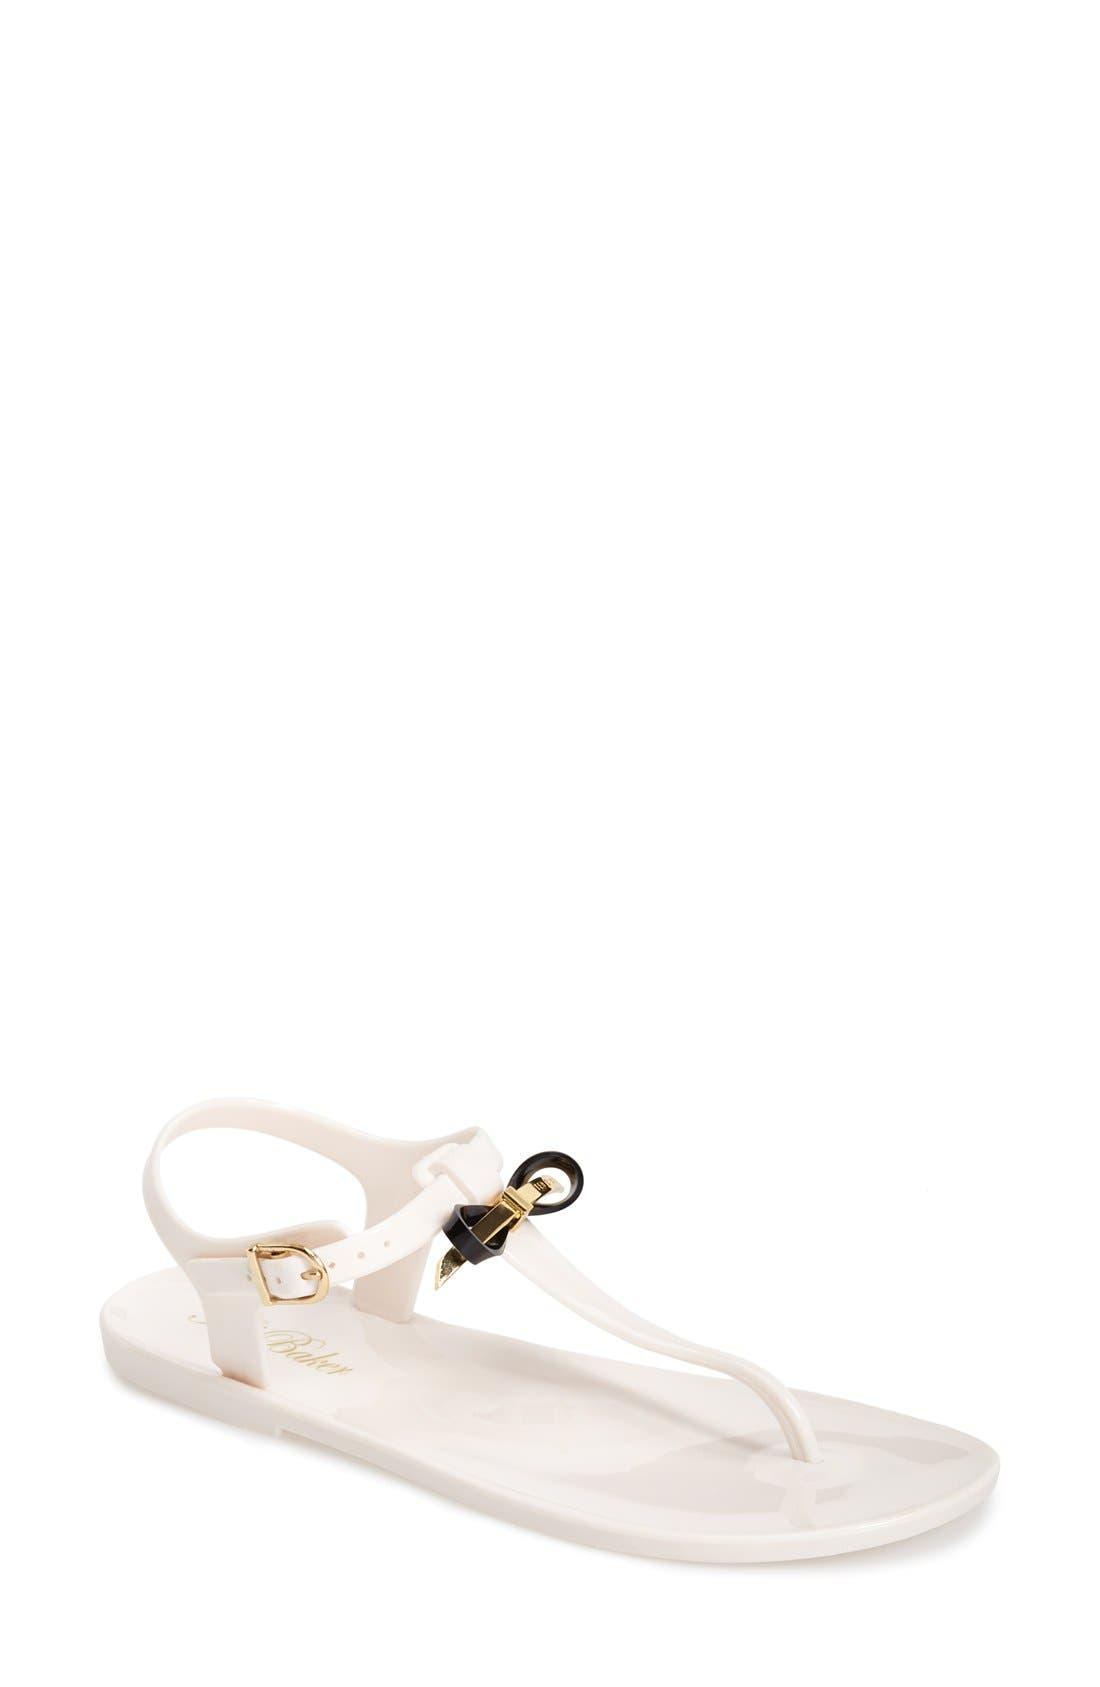 Alternate Image 1 Selected - Ted Baker London 'Verona' Jelly Sandal (Women)